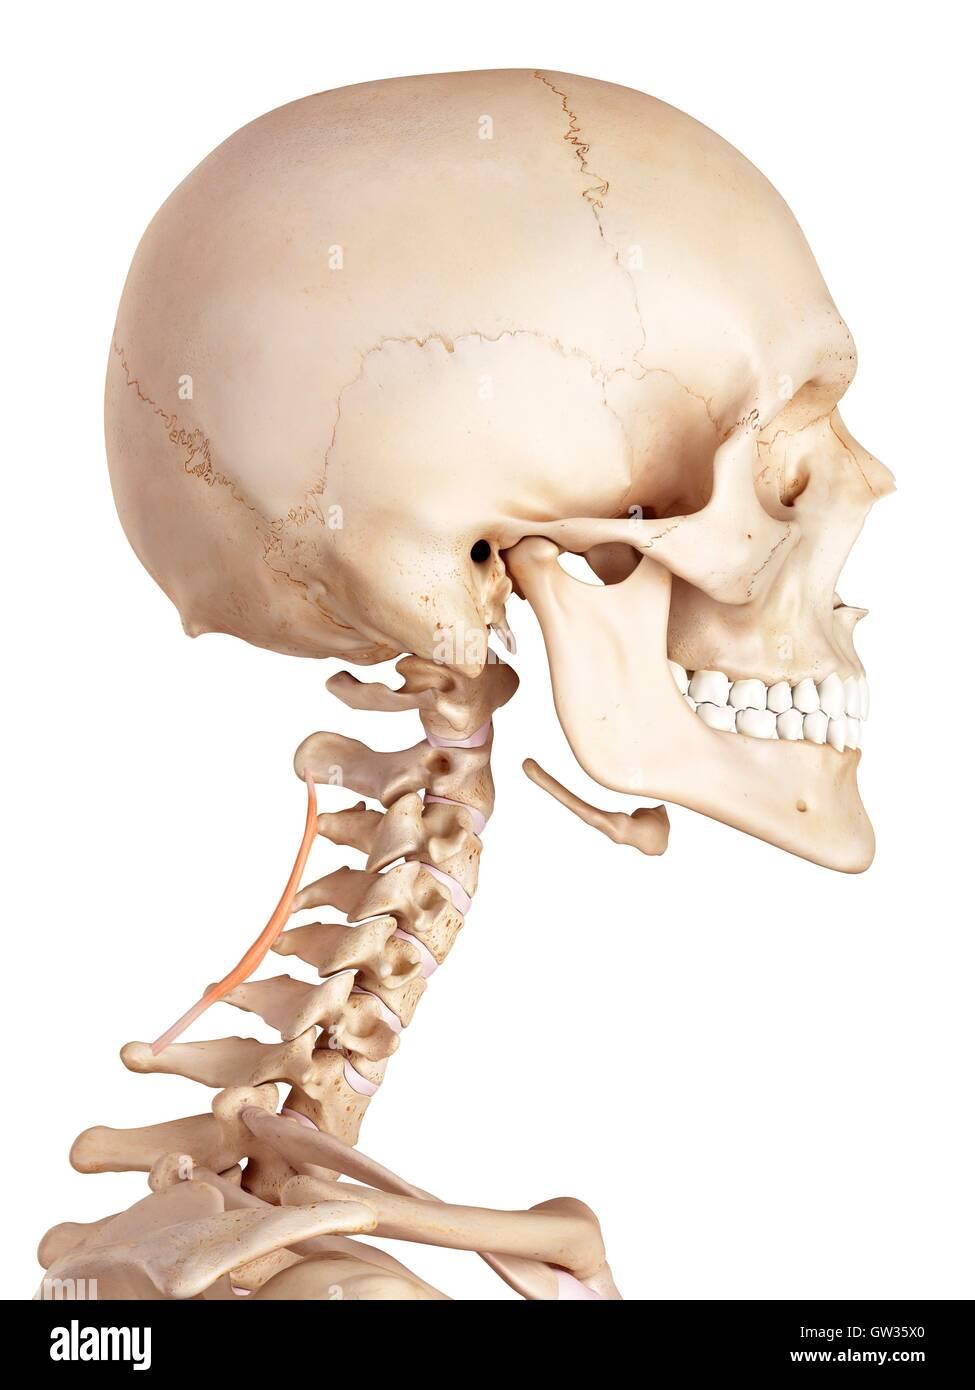 Menschlichen zervikalen Muskel, Abbildung Stockfoto, Bild: 118699112 ...